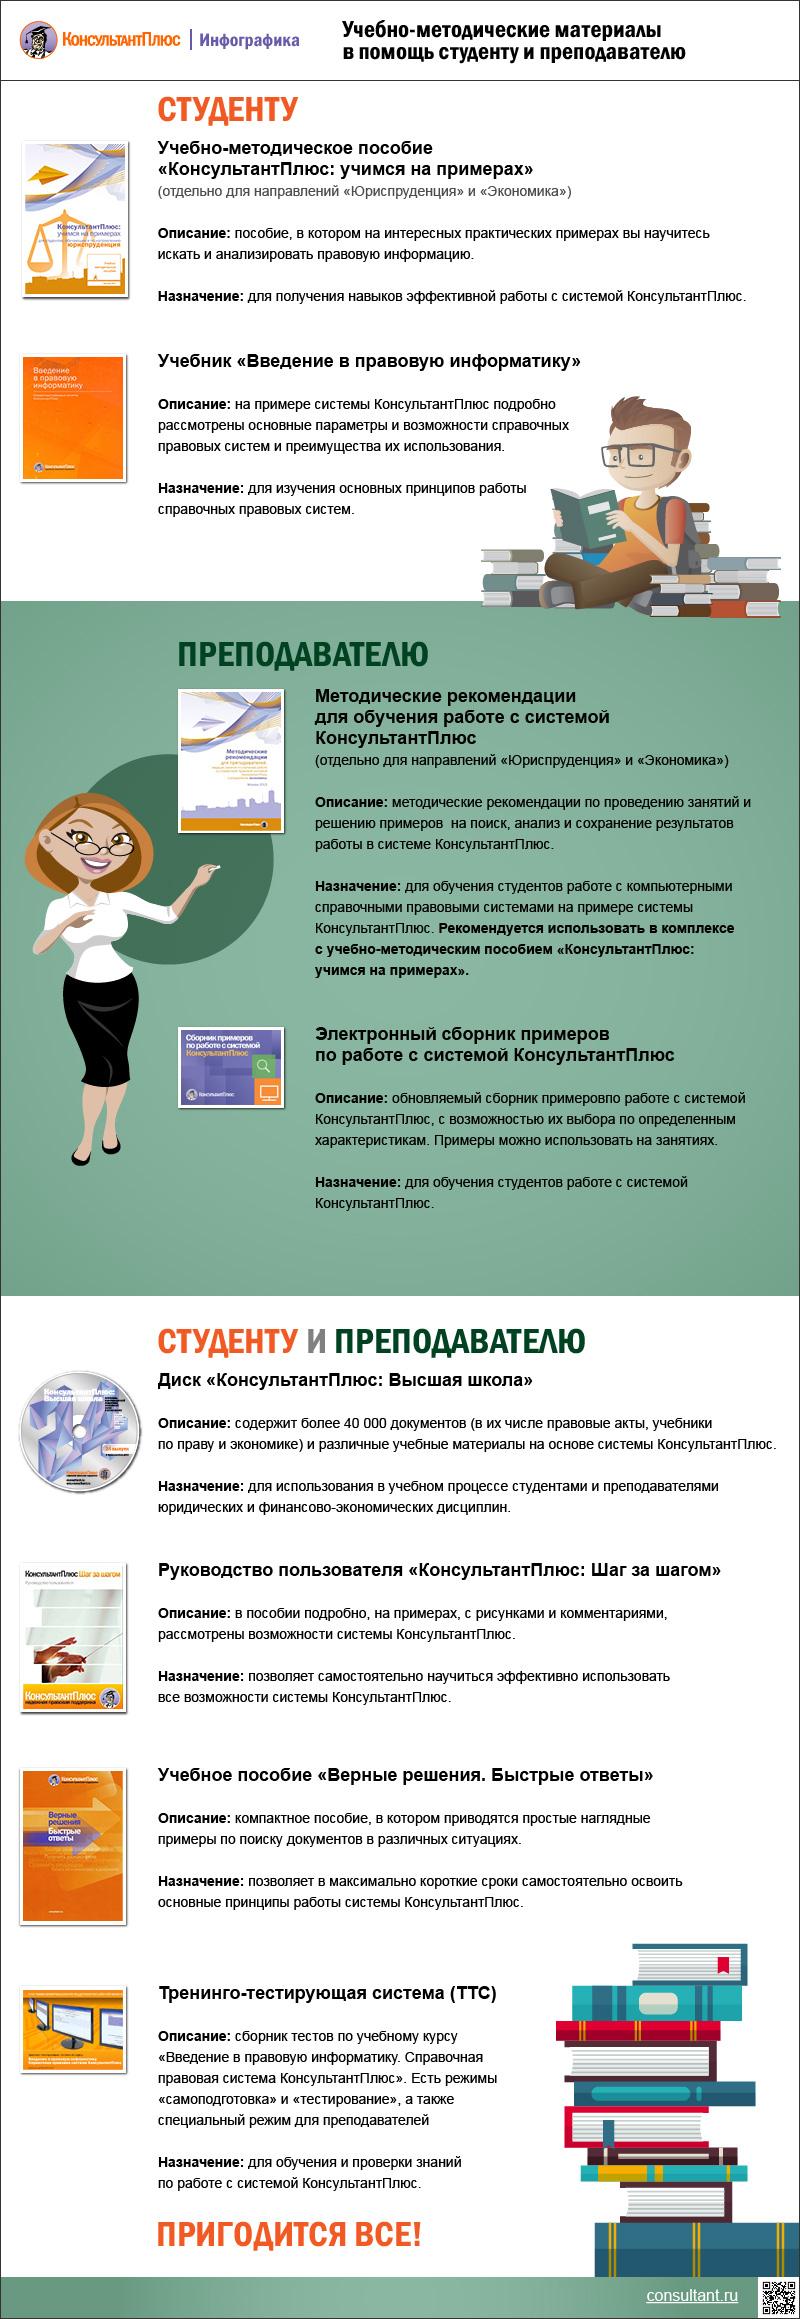 Учебно-методические материалы КонсультантПлюс